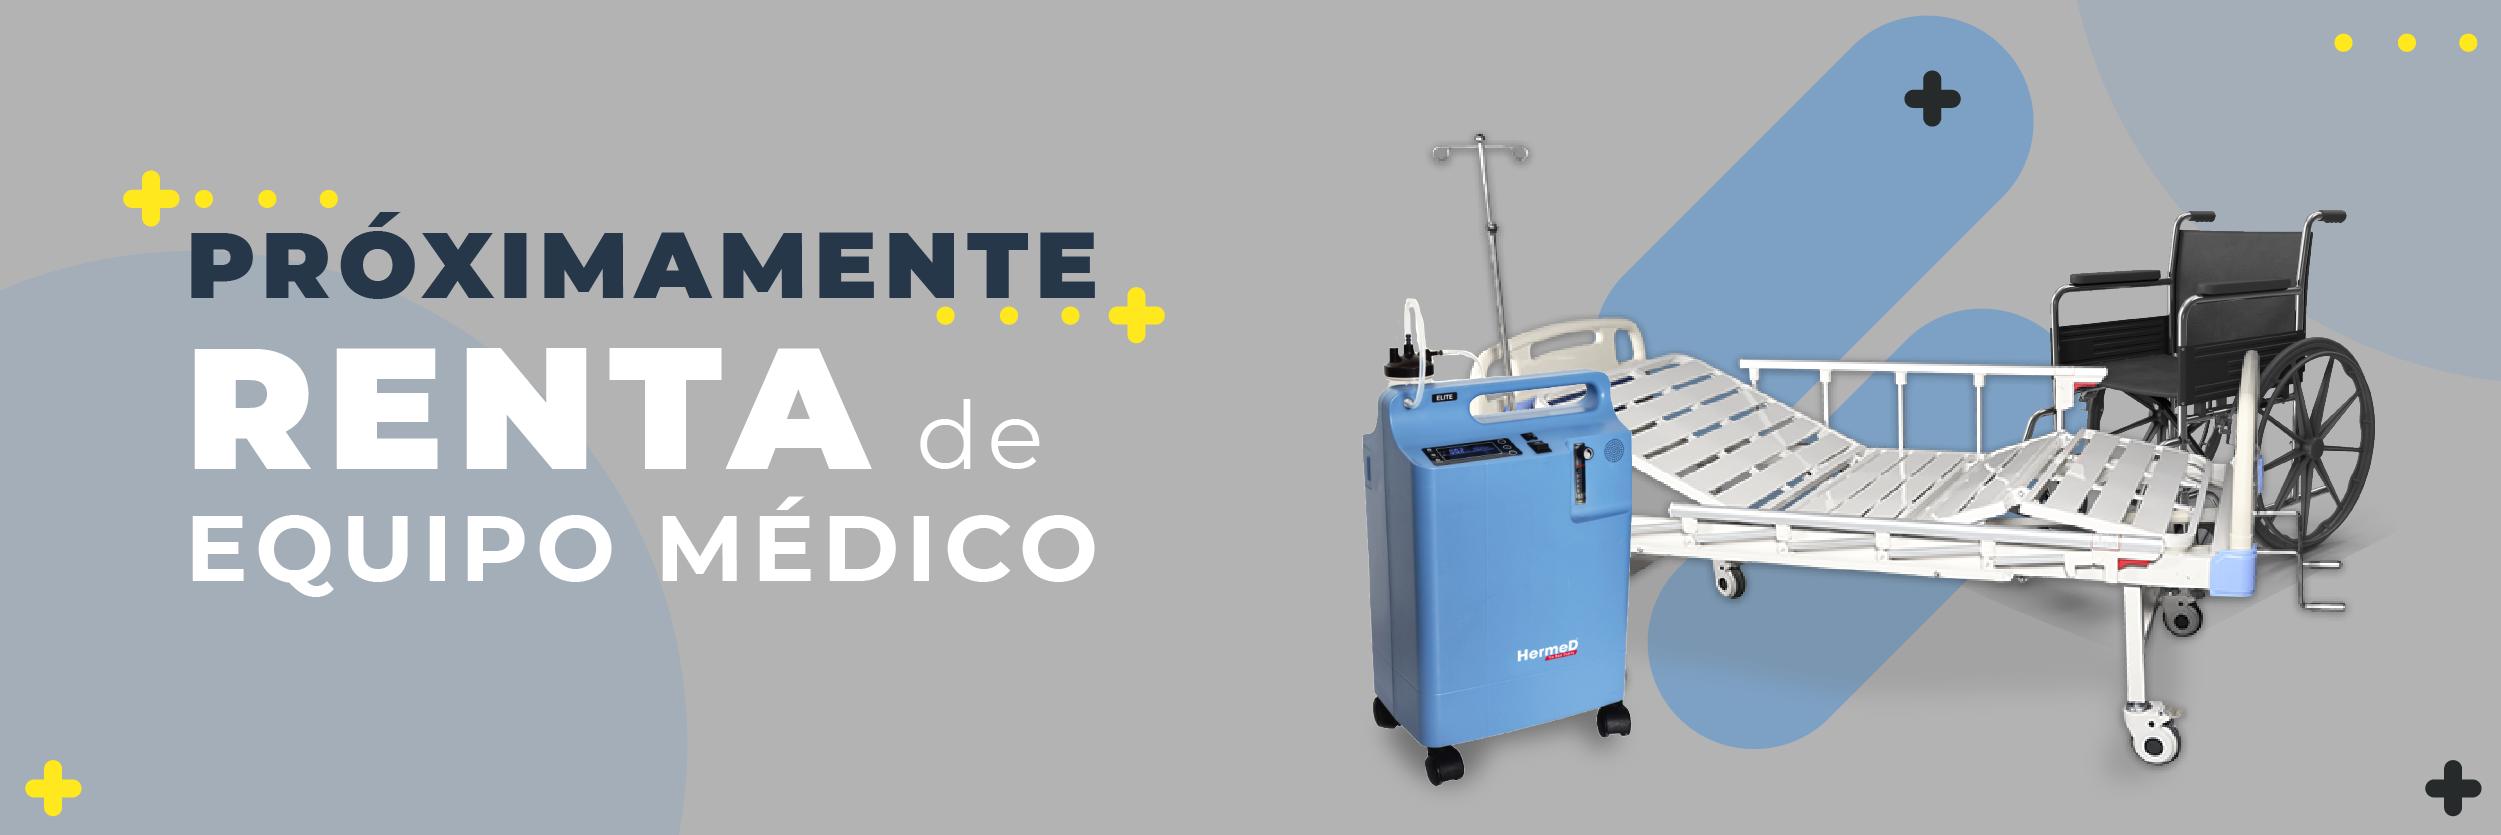 Renta de equipo medico tanques de oxigeno, camas, concentradores